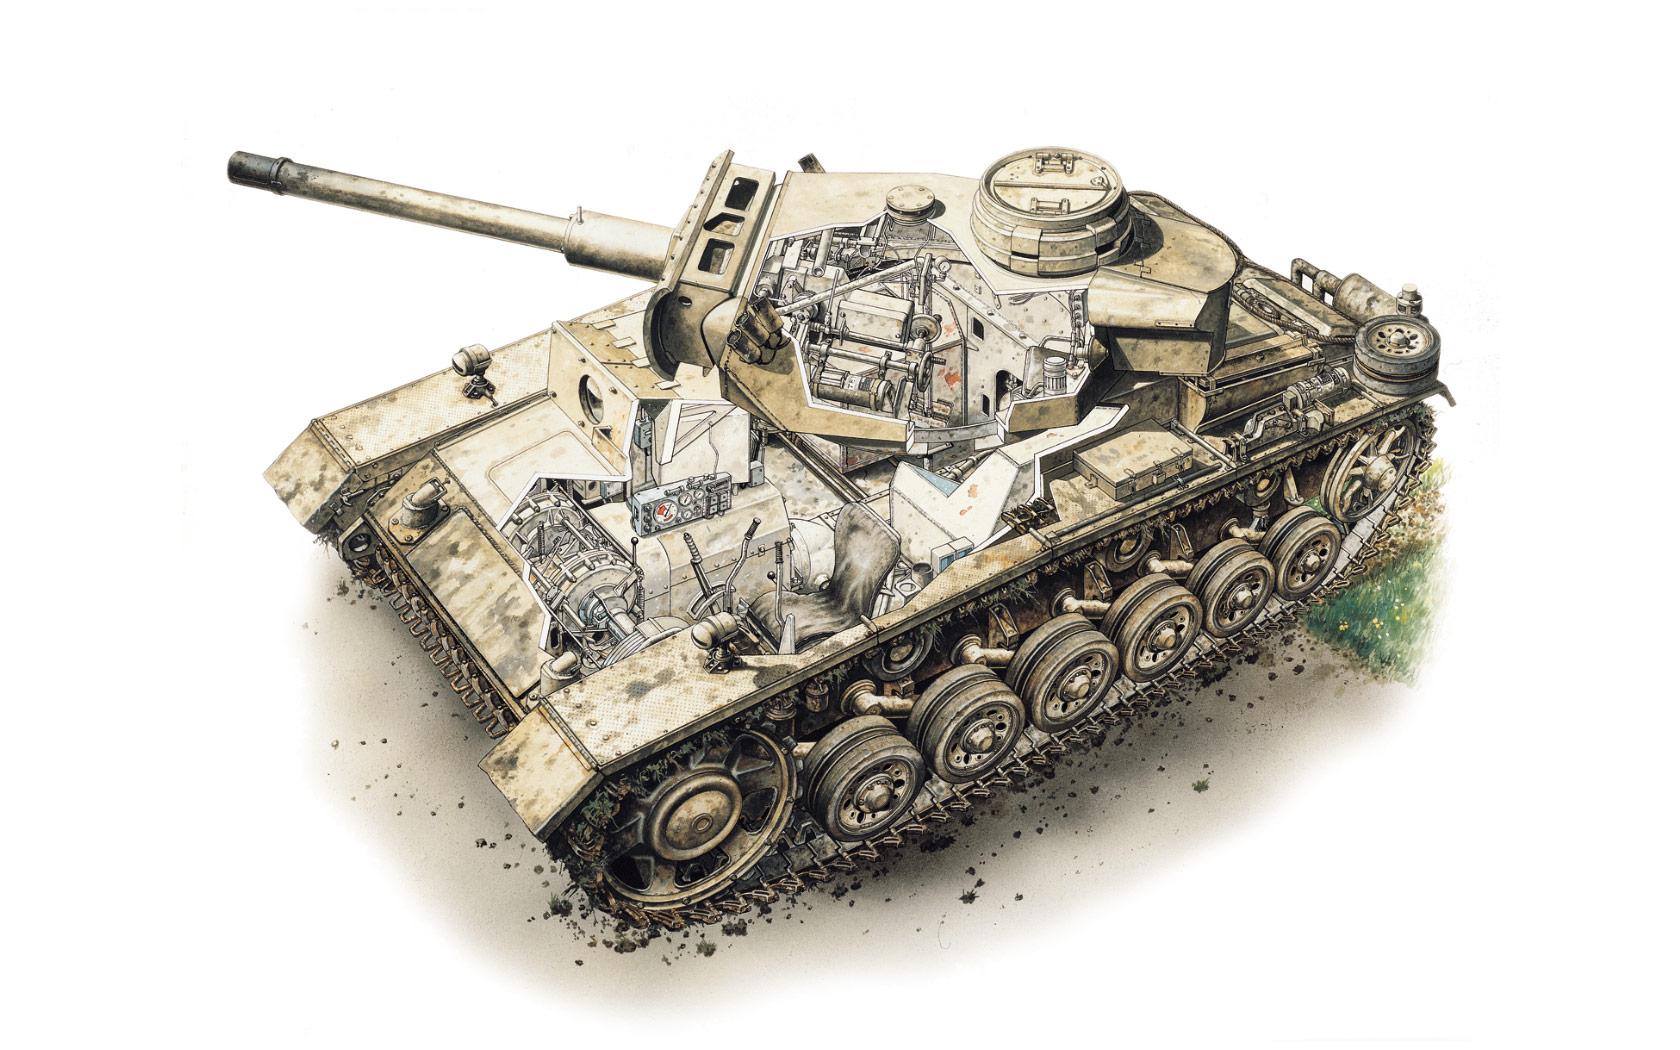 Panzer III cutaway